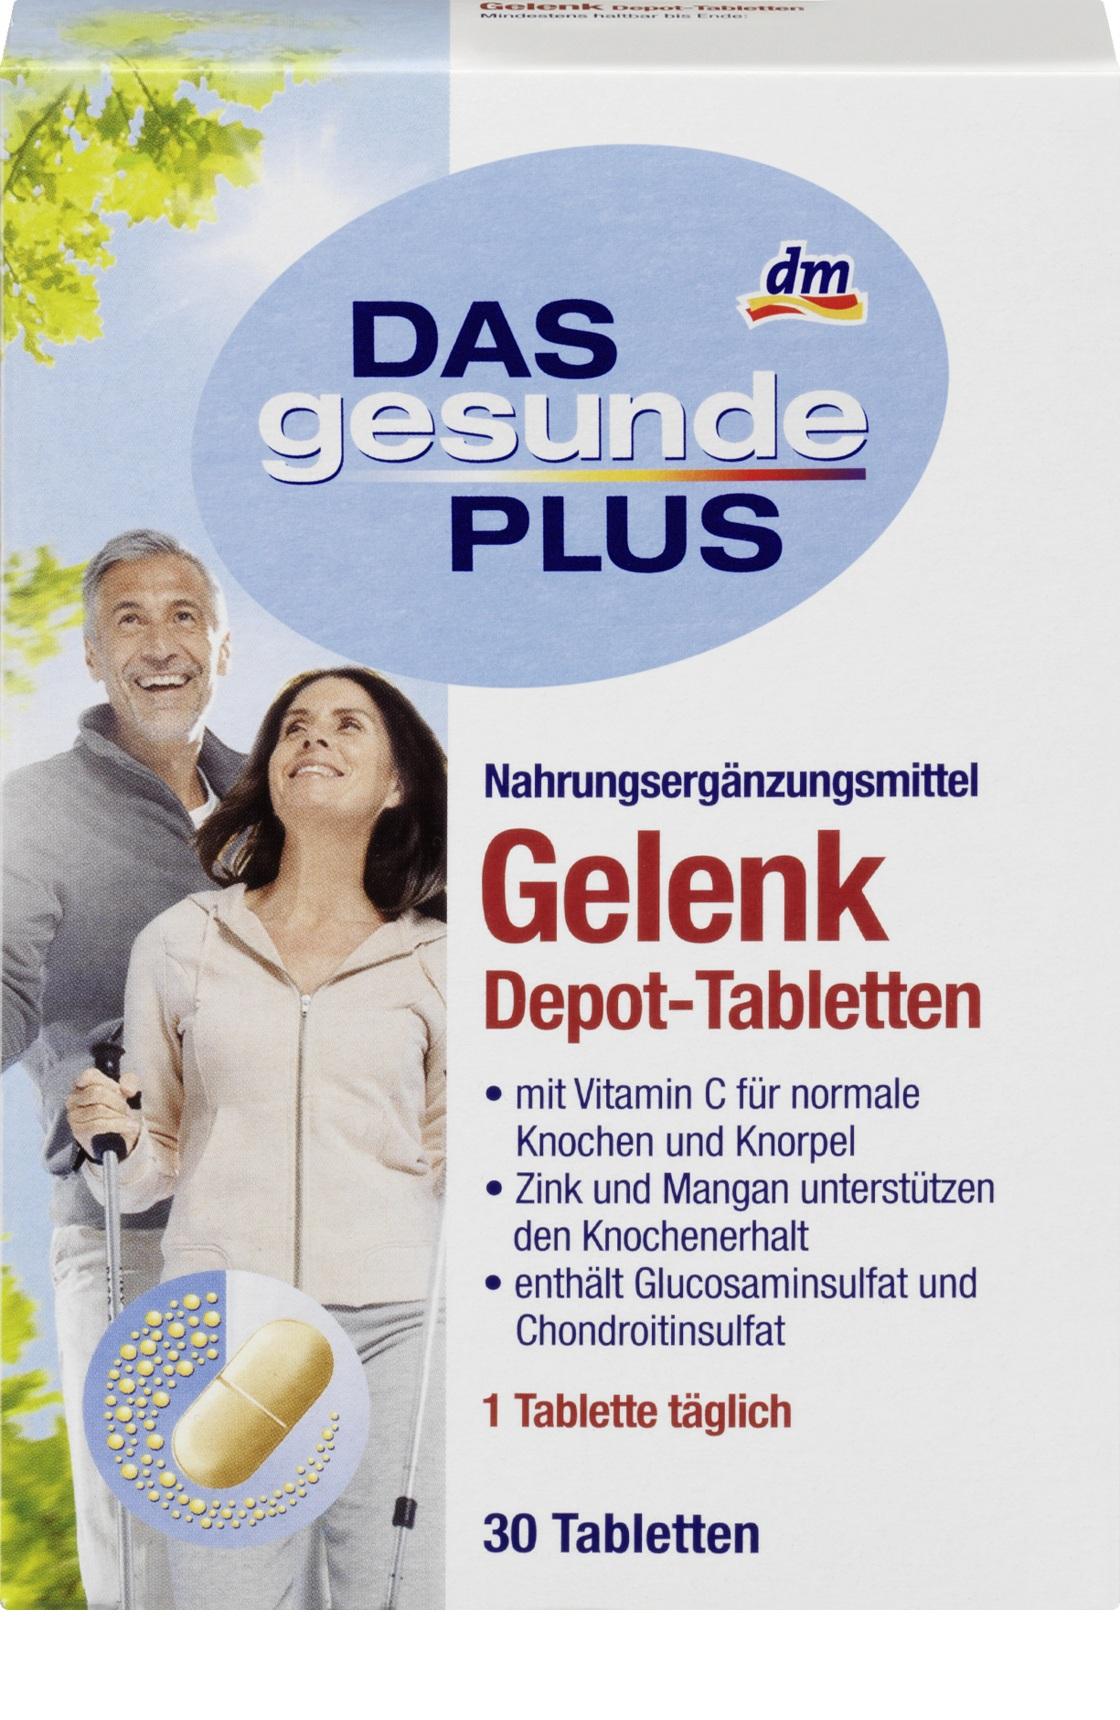 Gelenk depot-tabletten,30 табл